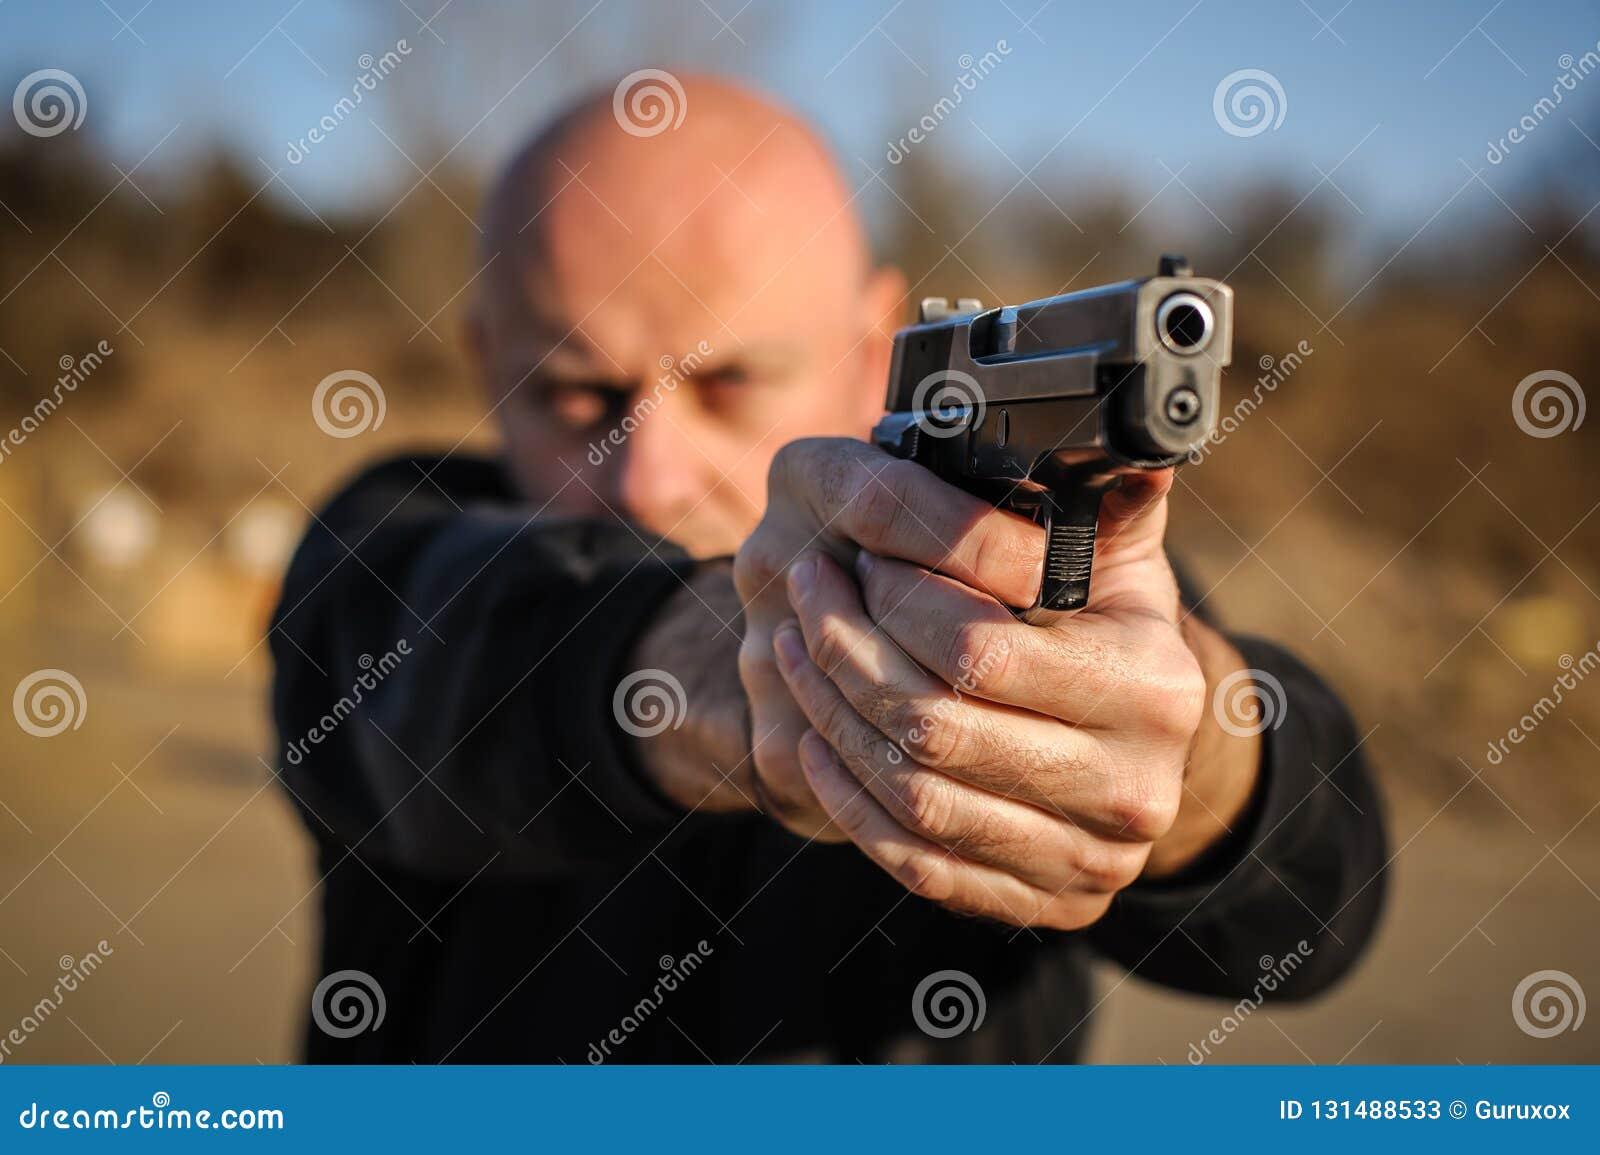 Полицейский агент и телохранитель указывая пистолет для защиты от атакующего